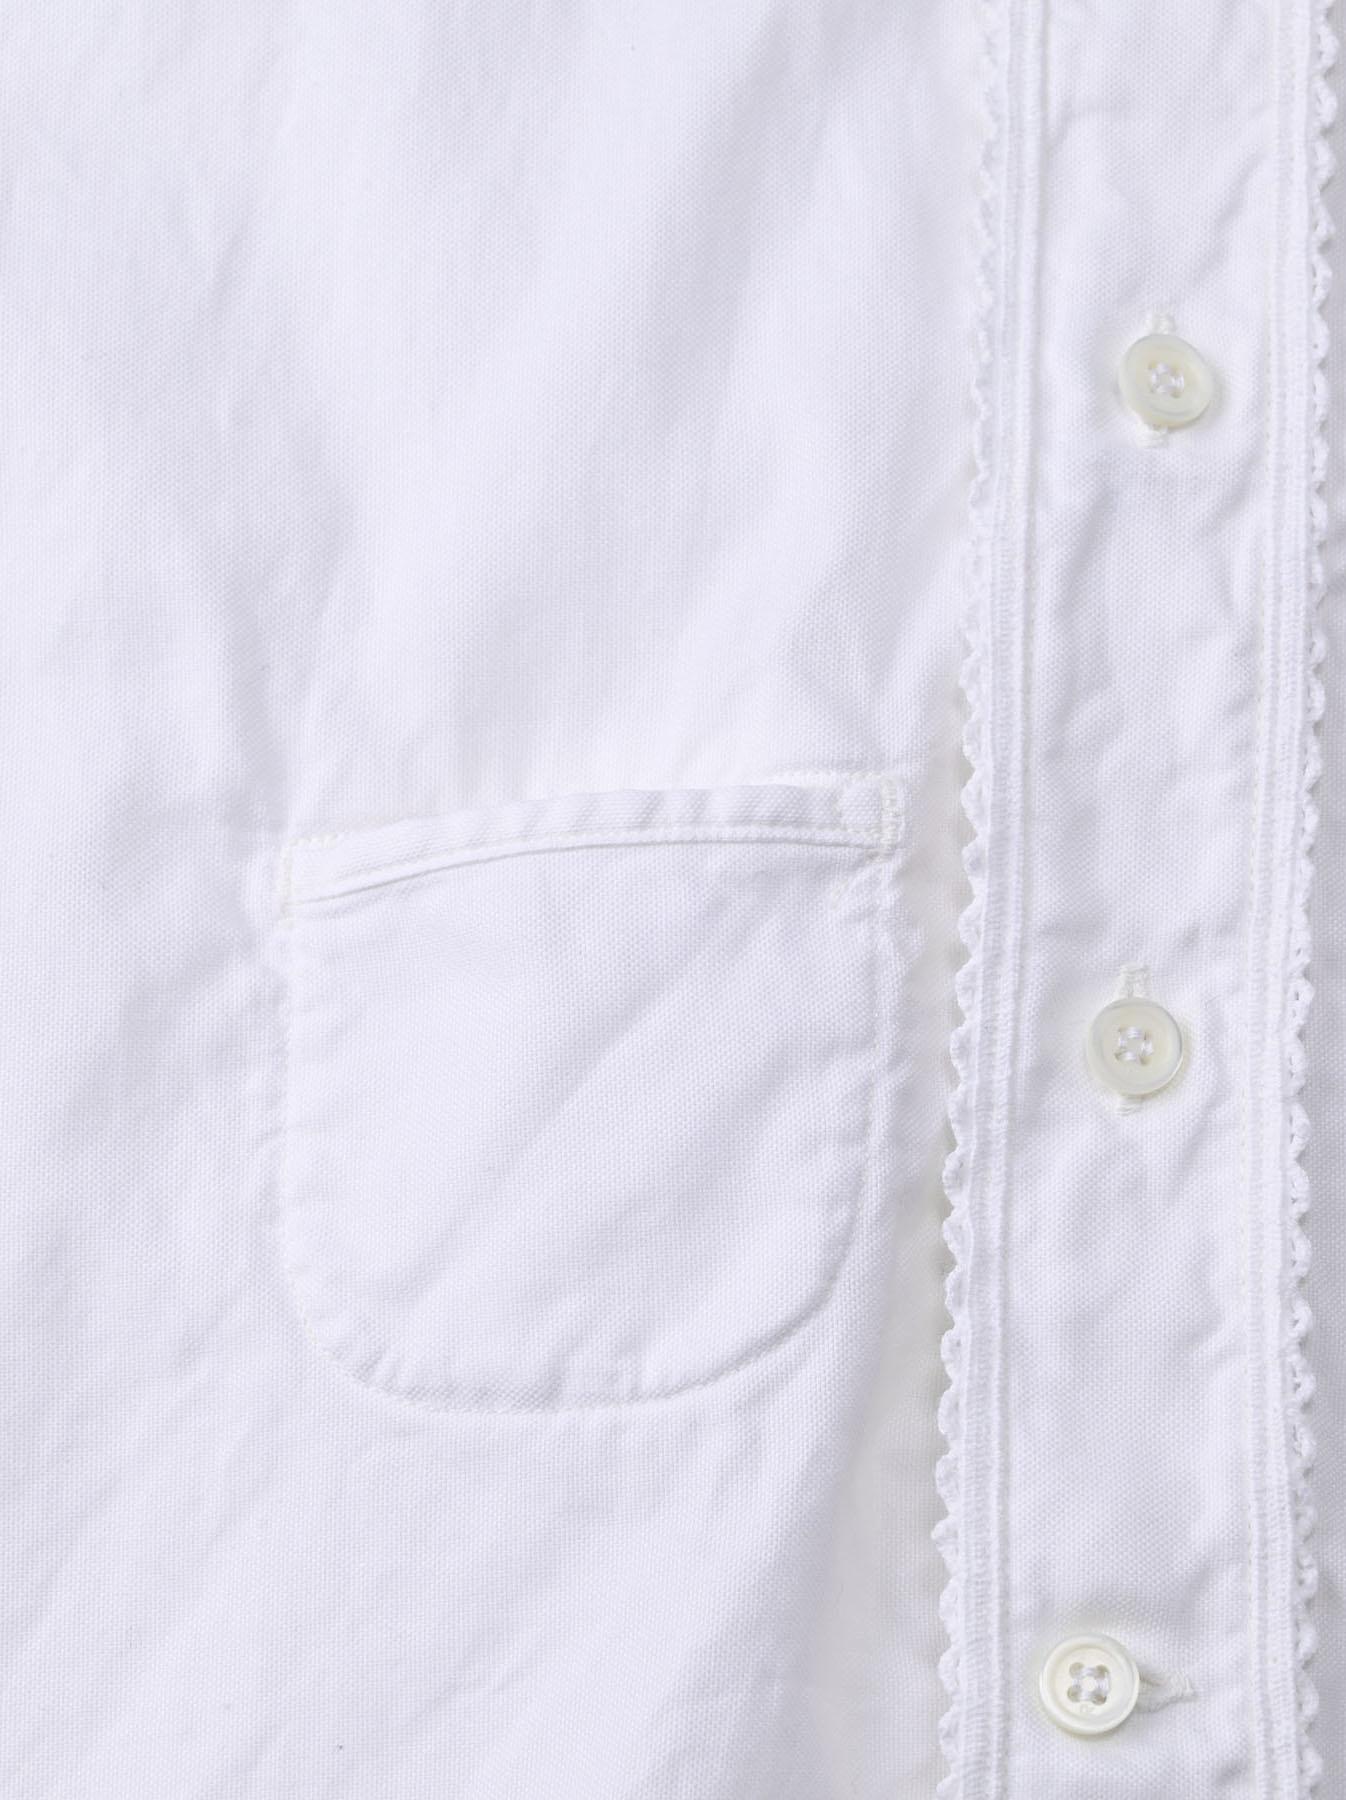 Thin Oxford 908 Ocean Lace Shirt (0621)-10